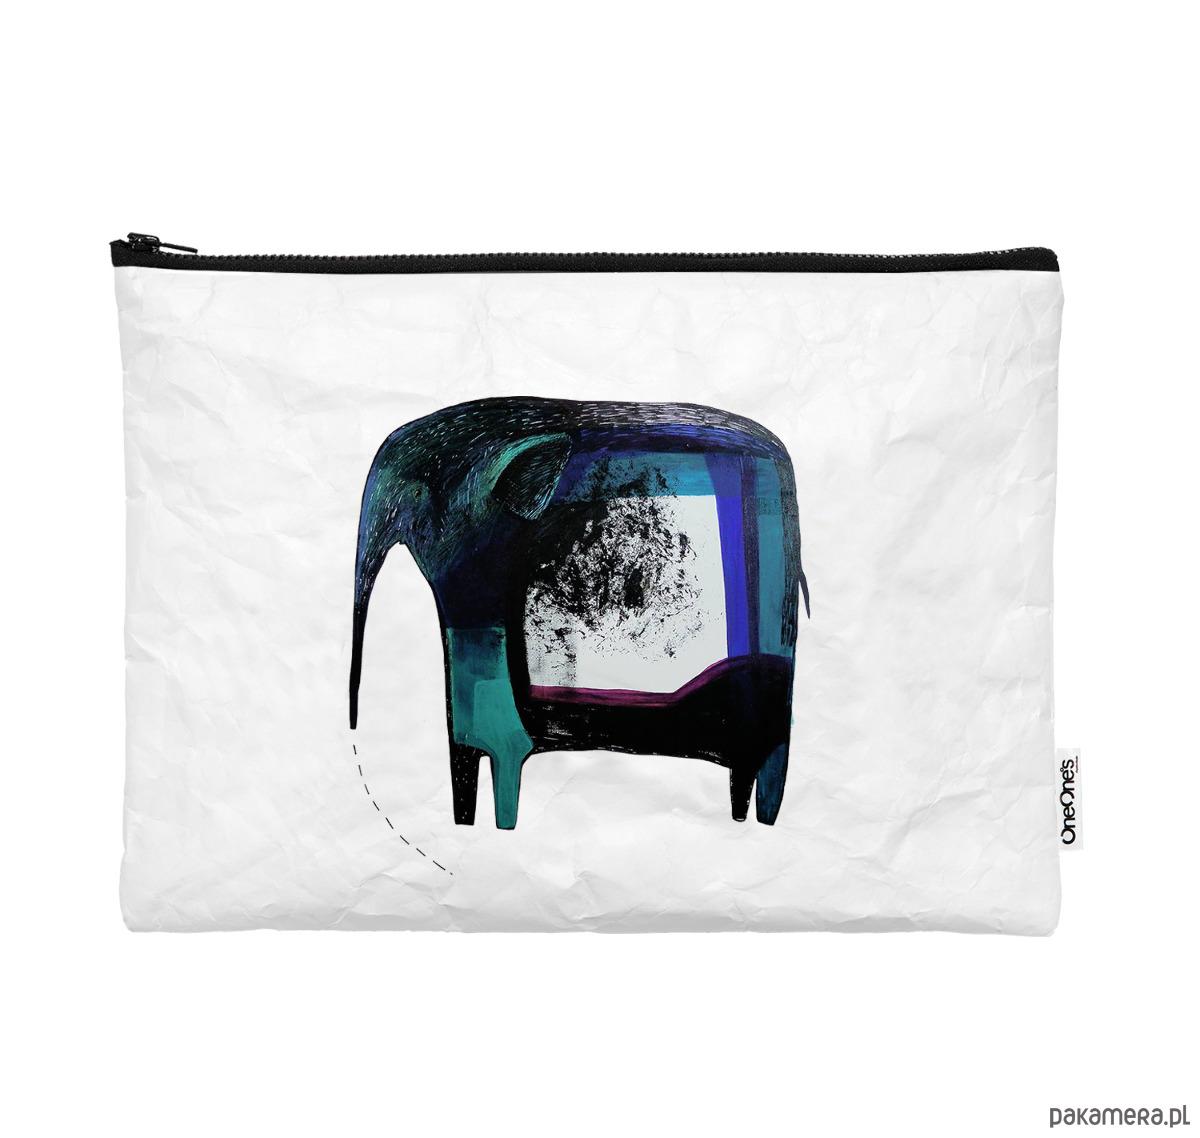 Obraz przedstawiający Pokrowiec ze słonikiem na laptop z Tyveku®